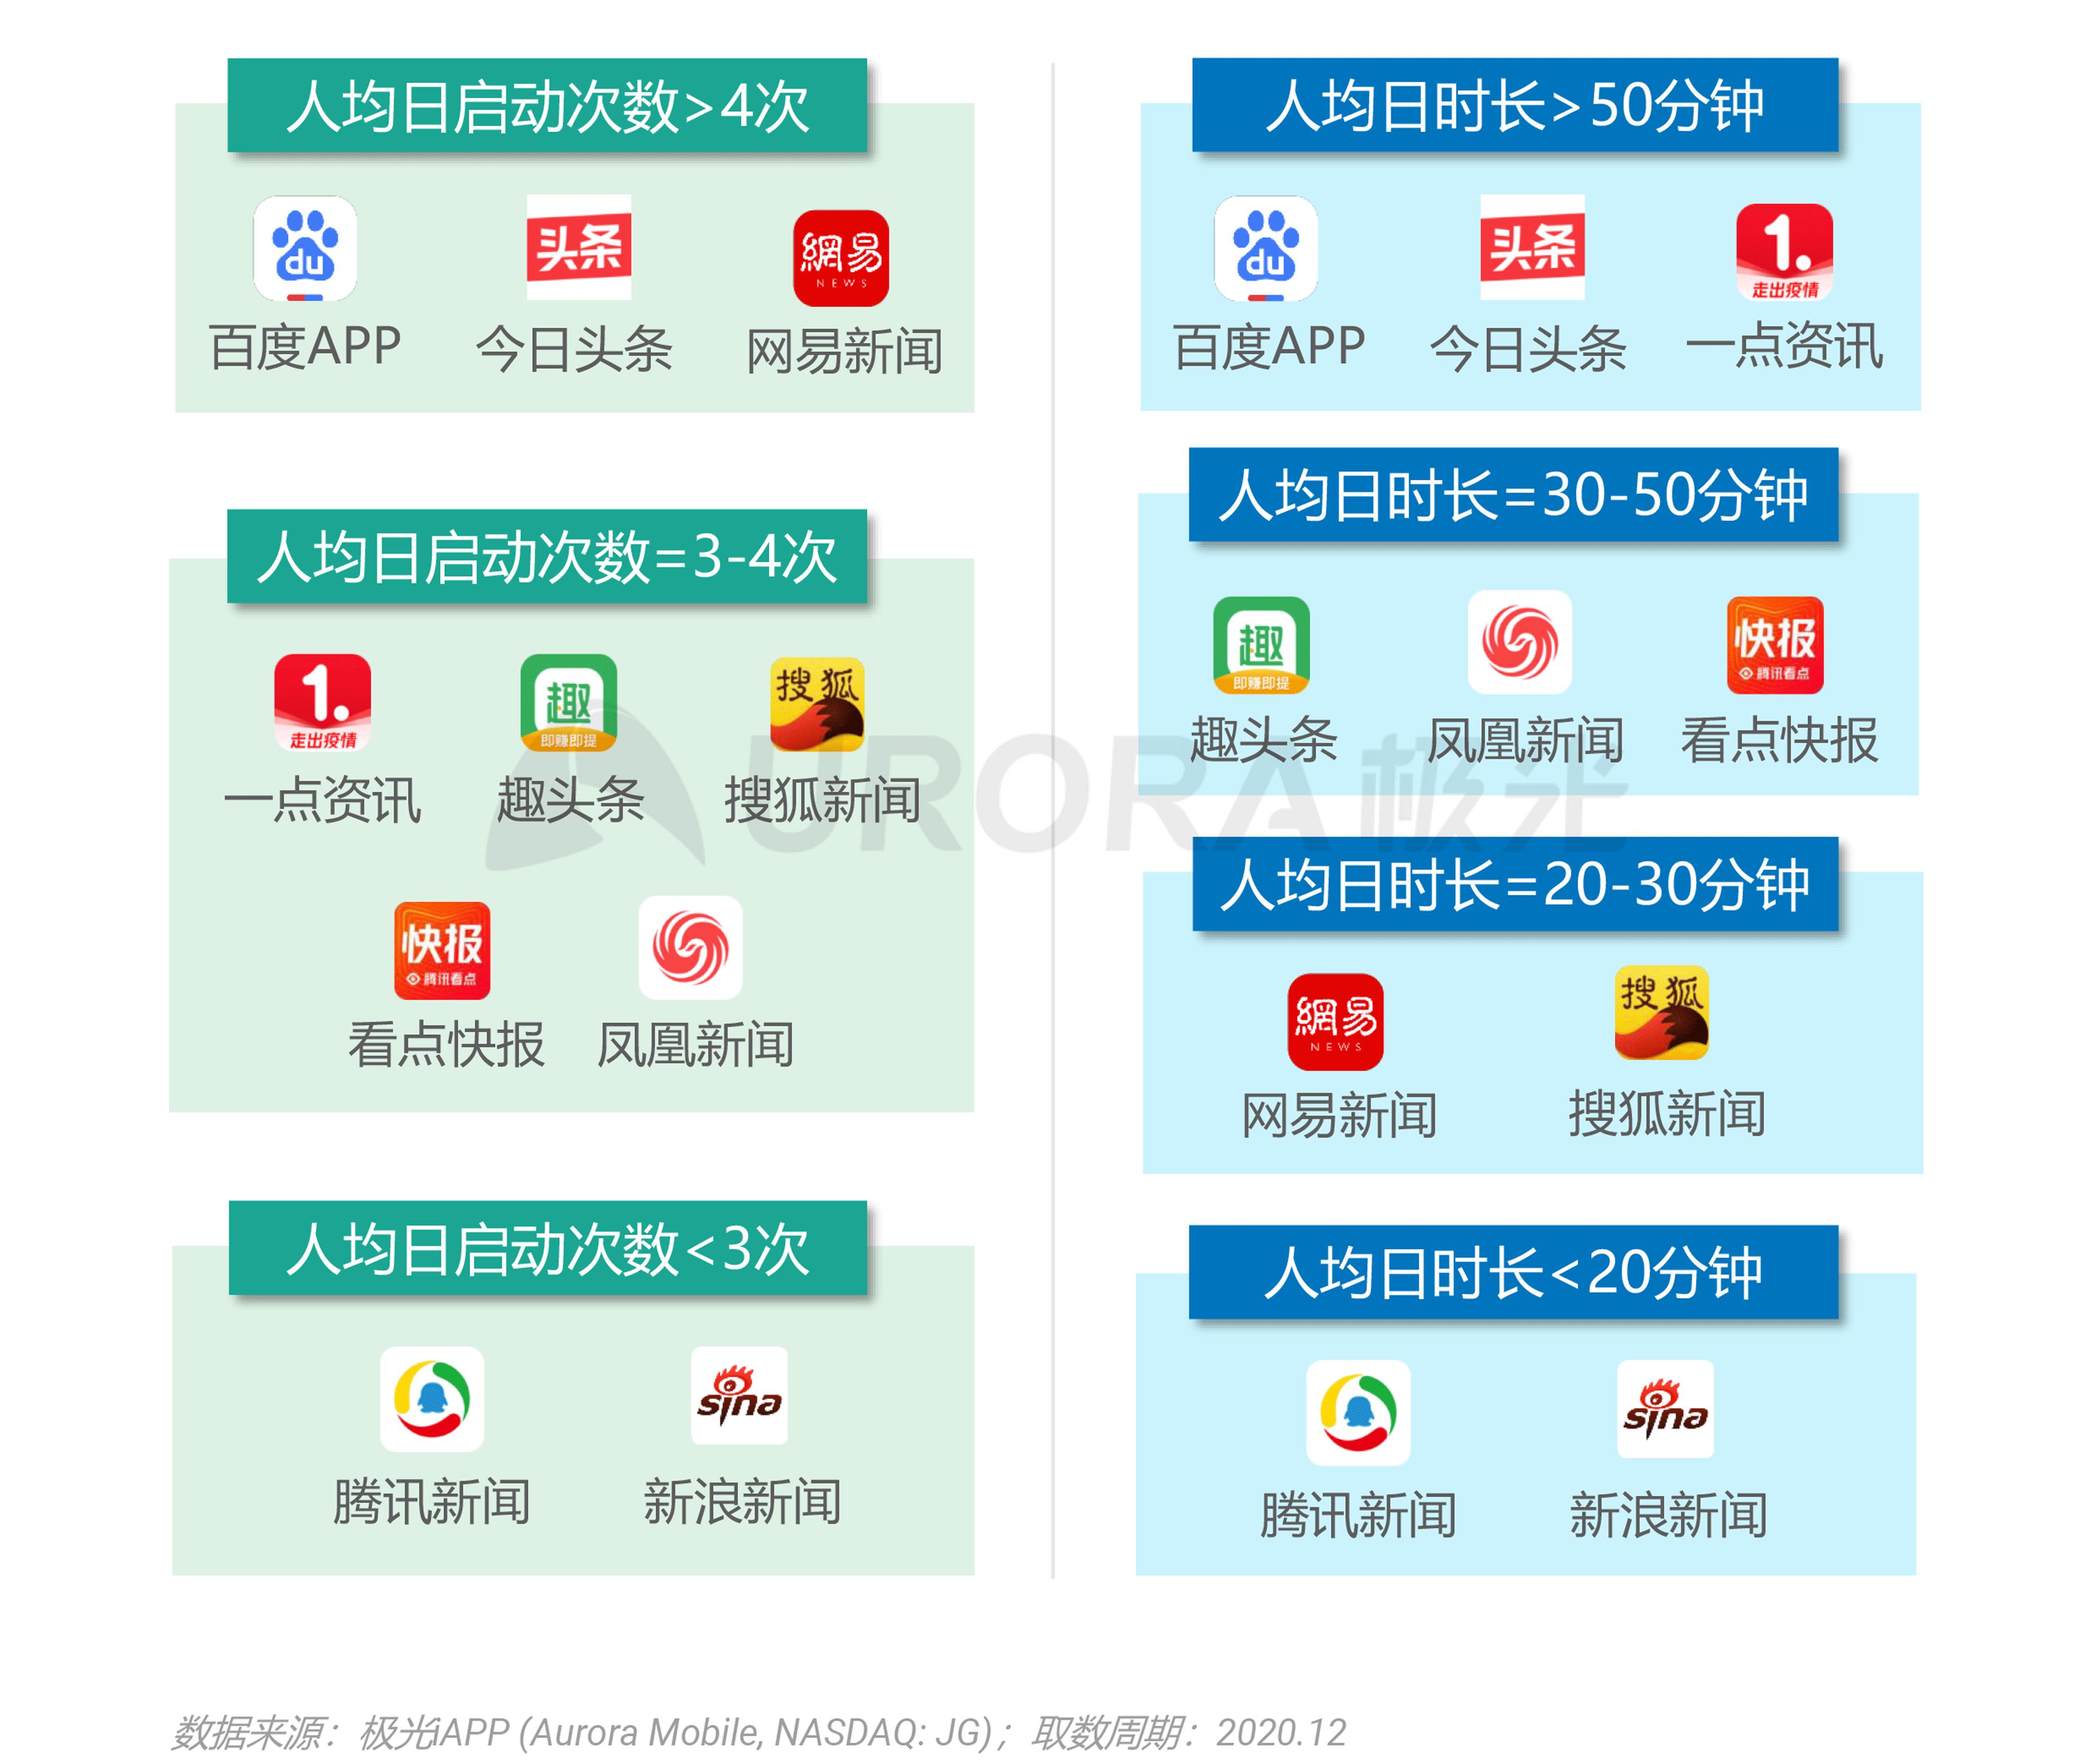 极光:2020年新资讯行业年度盘点报告 (21).png